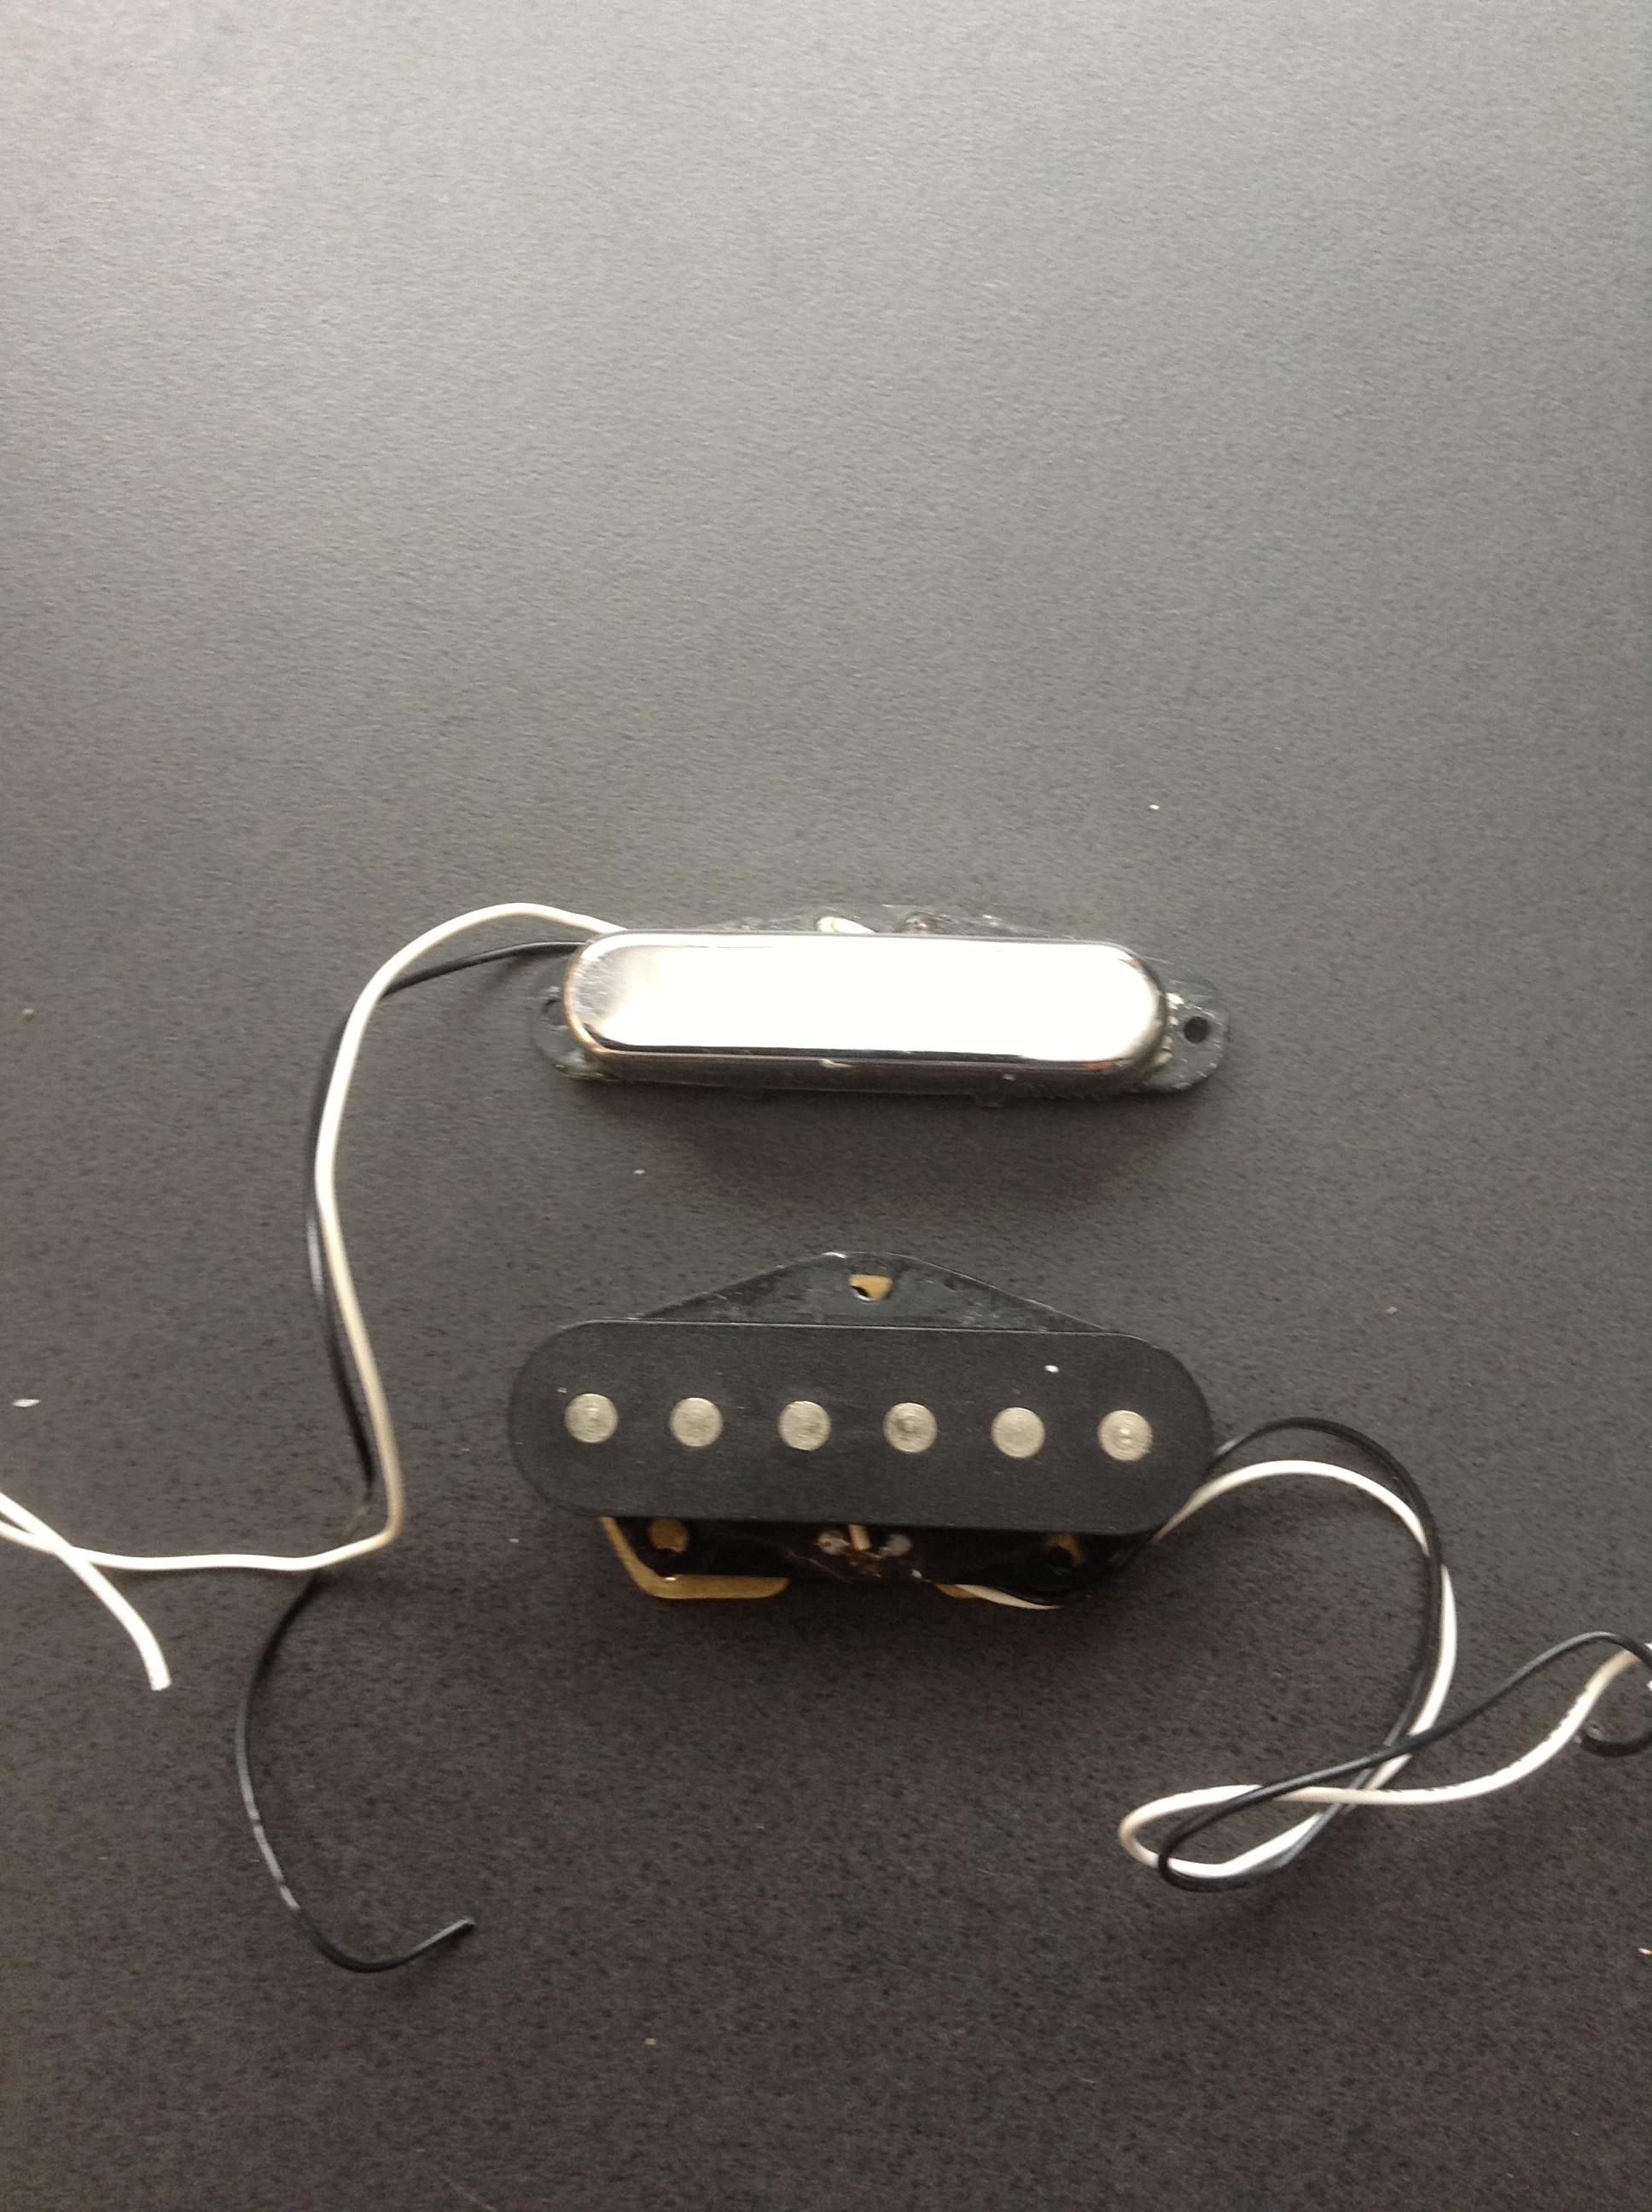 Fender Telecaster Set Pickups Image 960717